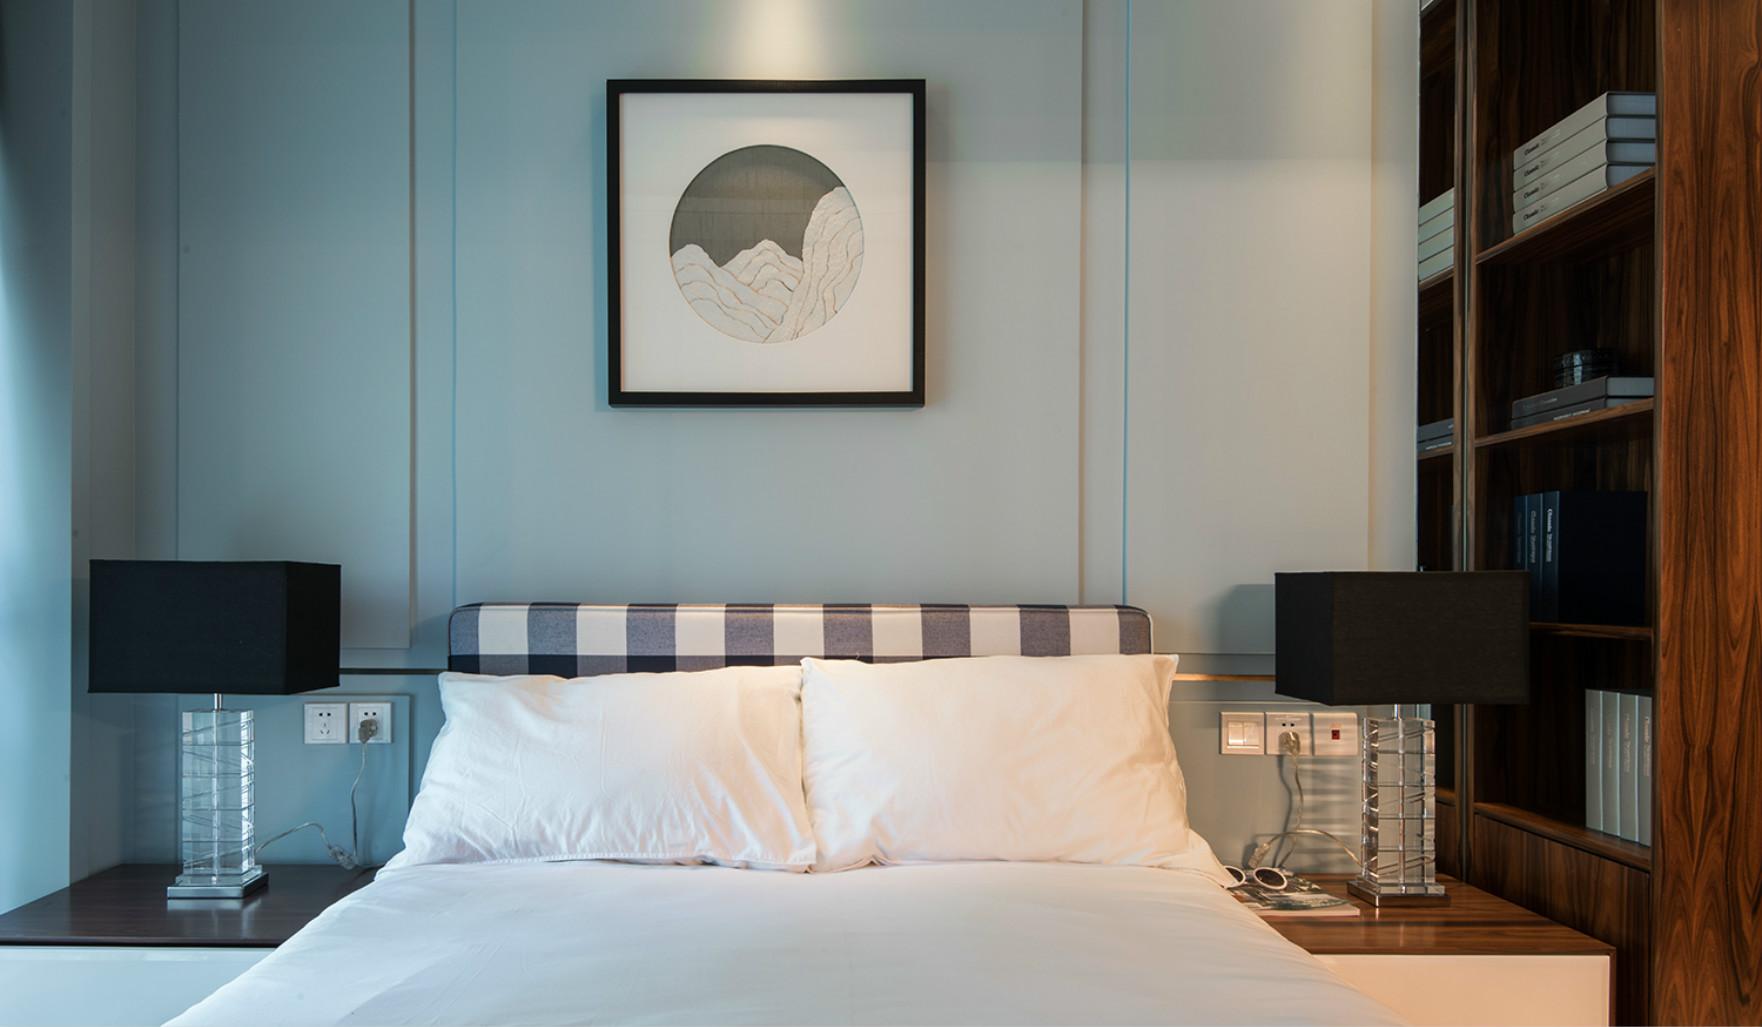 床头柜两边精致的灯,已经背景墙上的挂画很是时尚